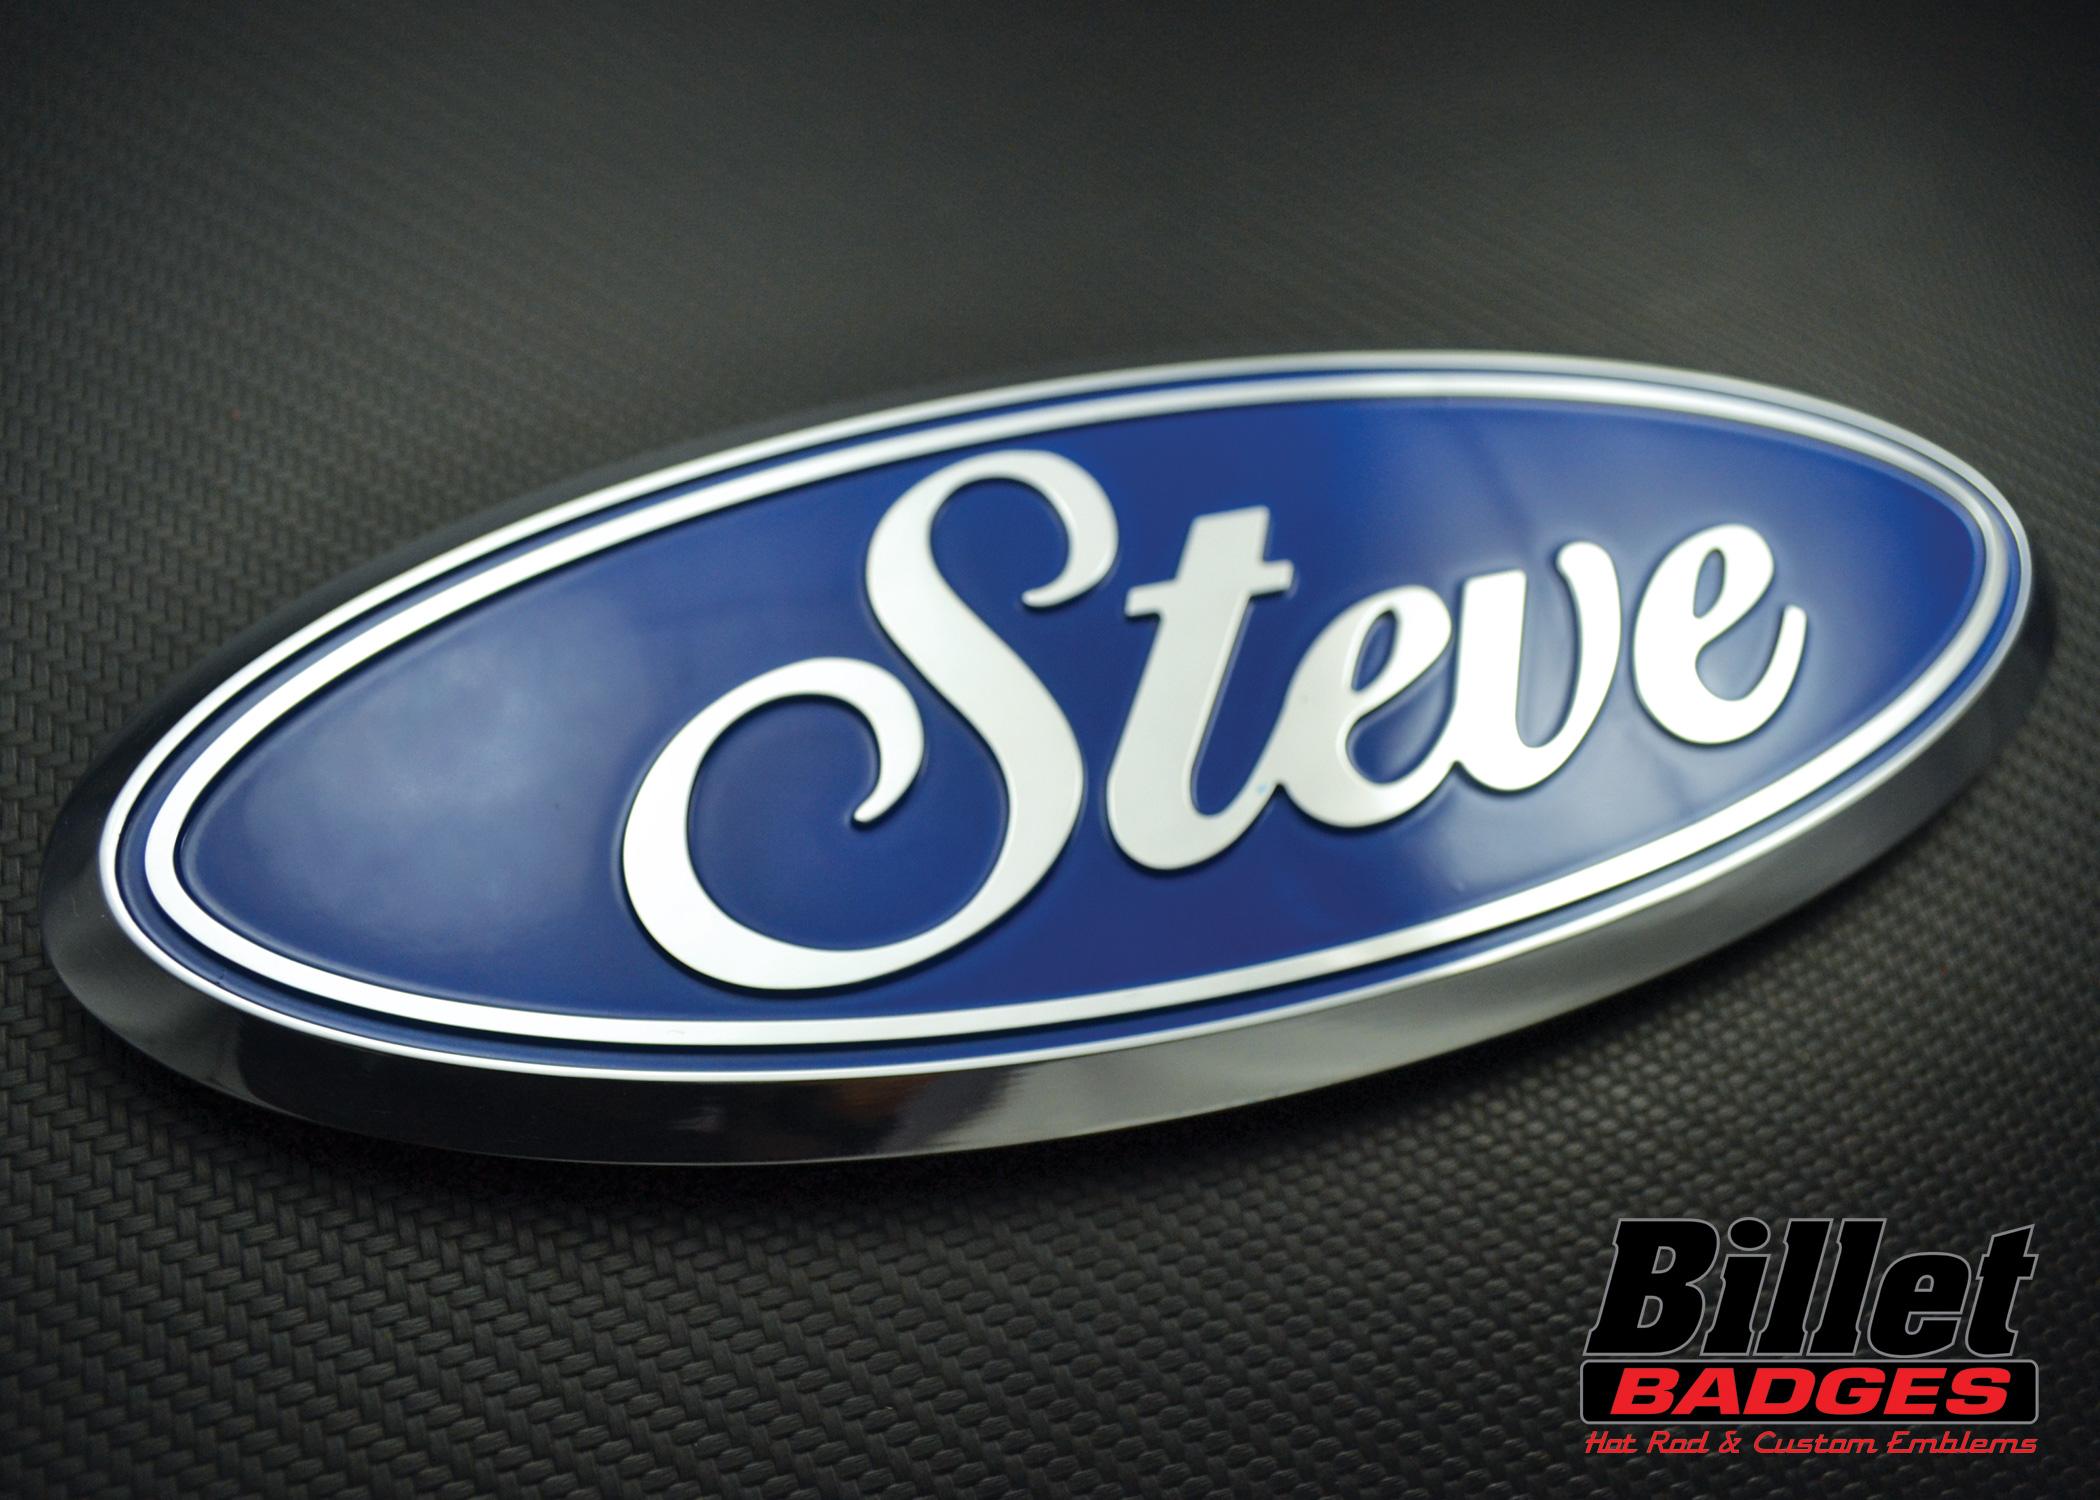 Steve (Ford)